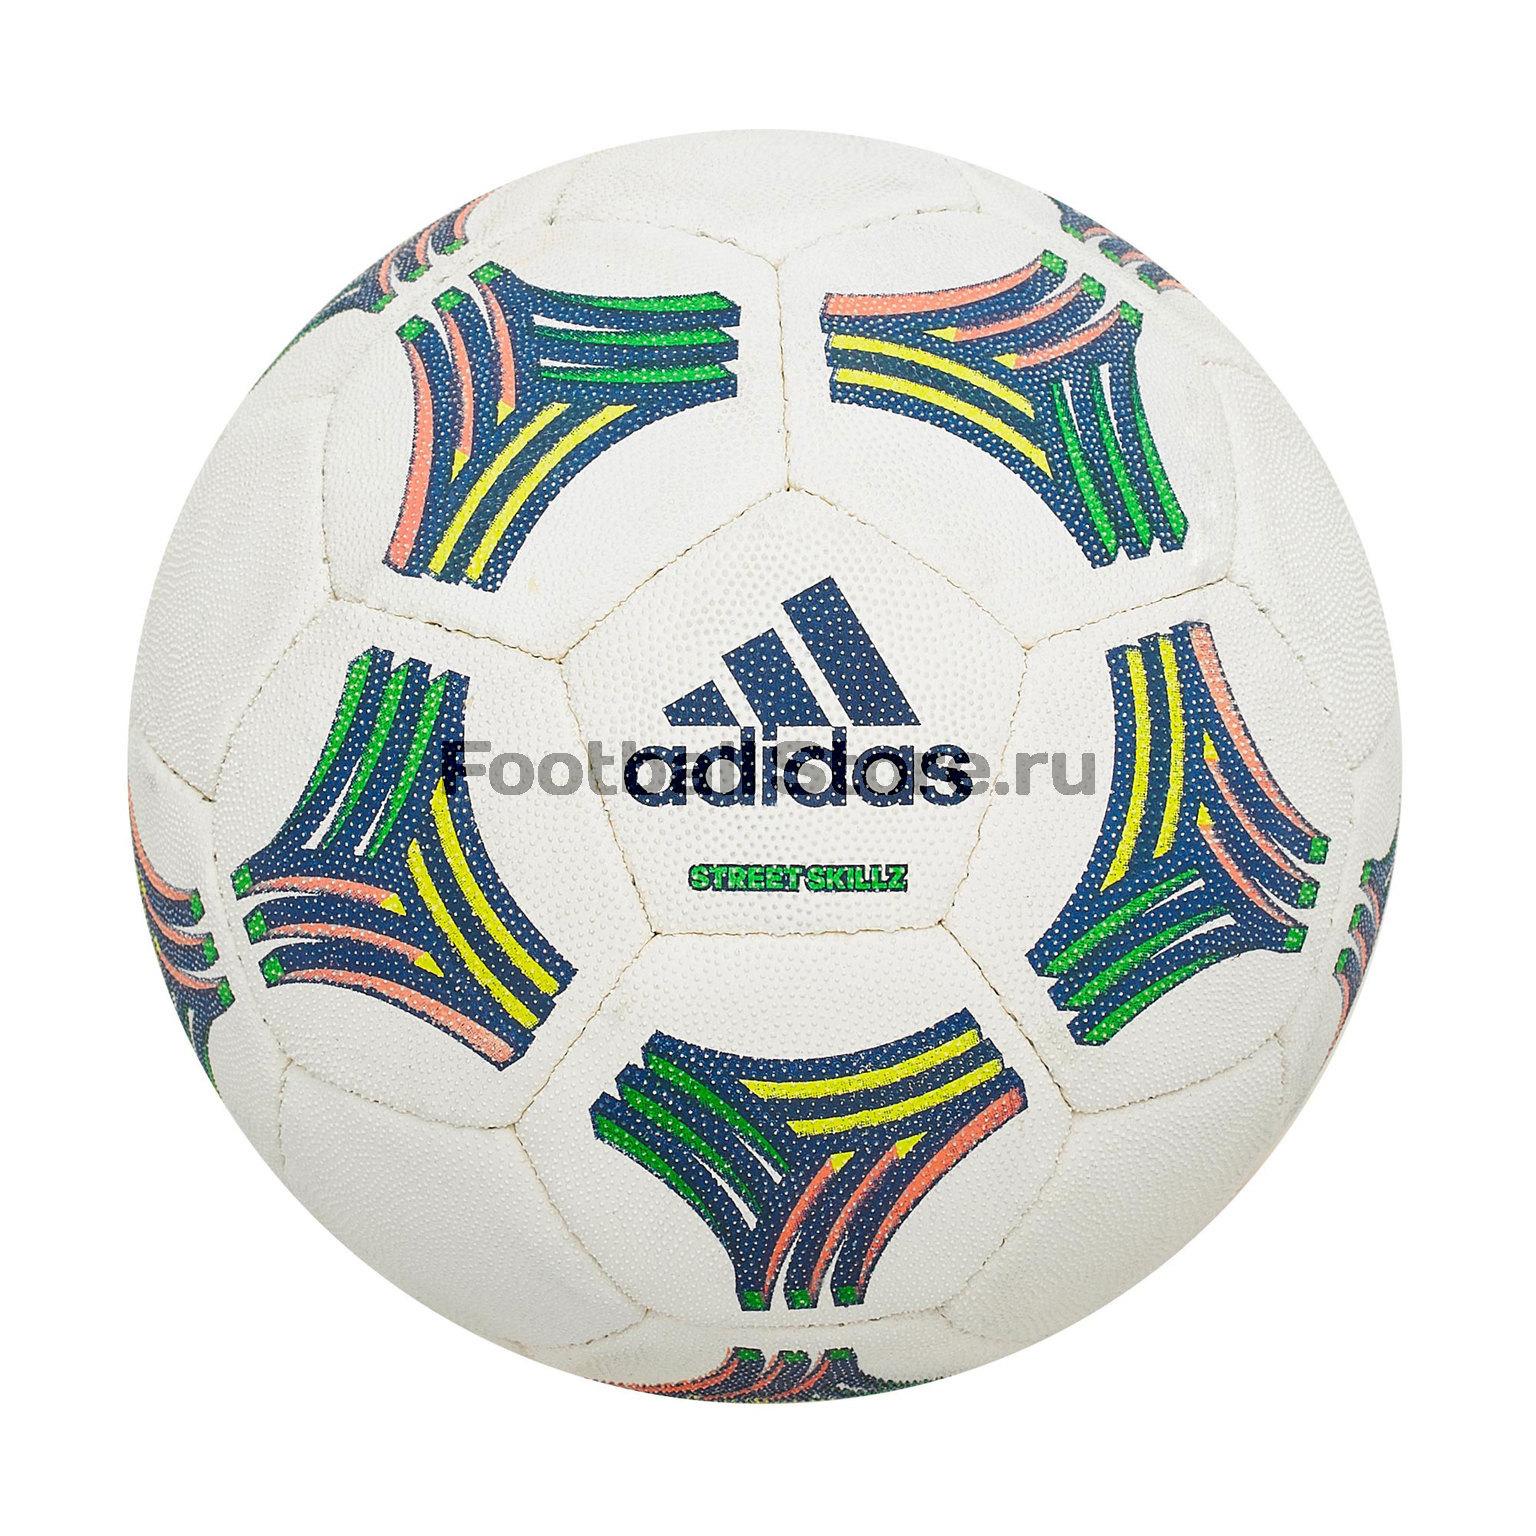 Футзальный мяч Adidas Tango Sala Futsal DN8724 мяч футзальный mitre futsal tempest